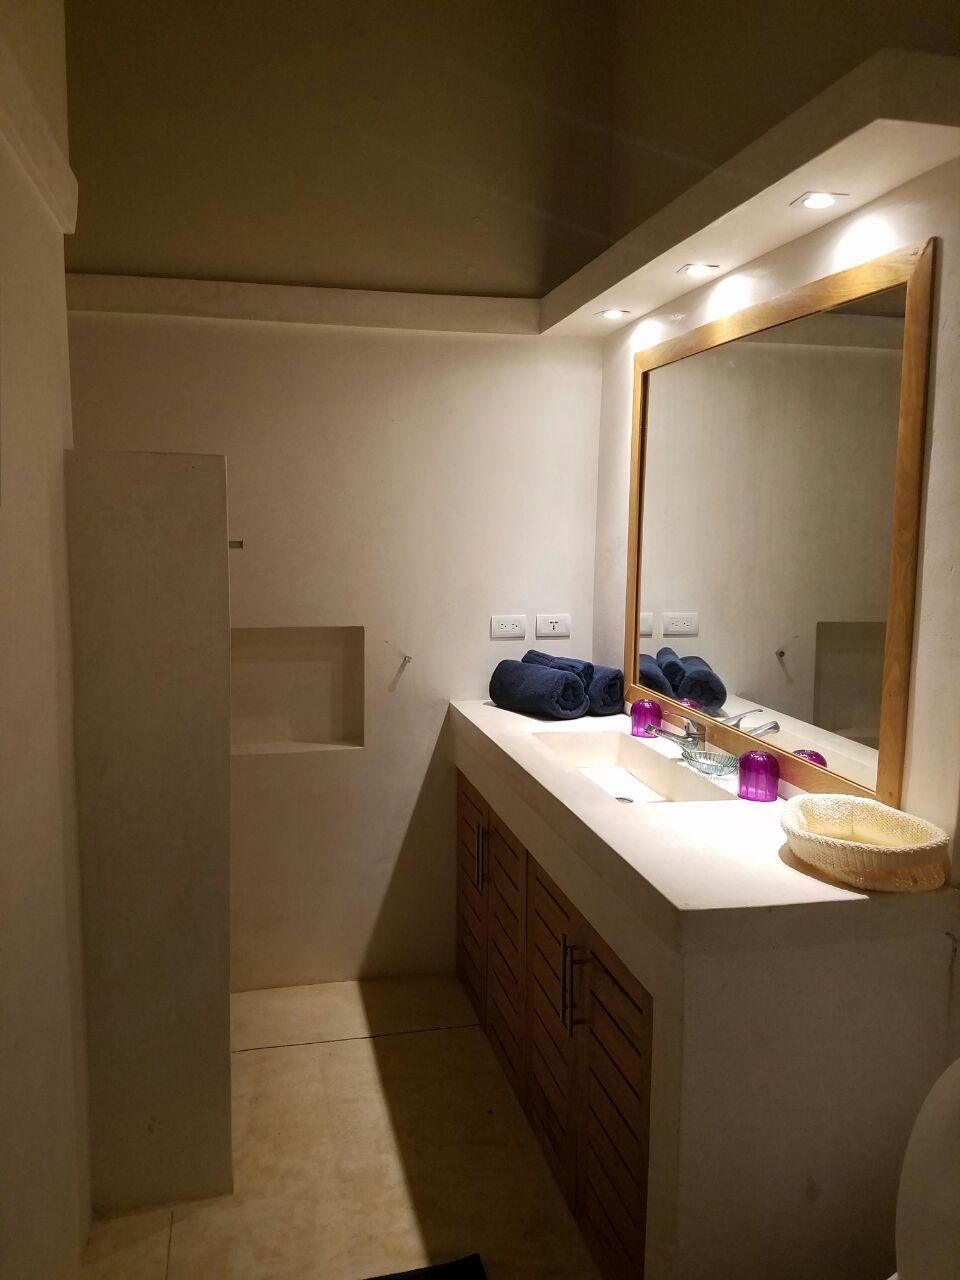 villa to build Las Terrenas bathroom 2.jpeg